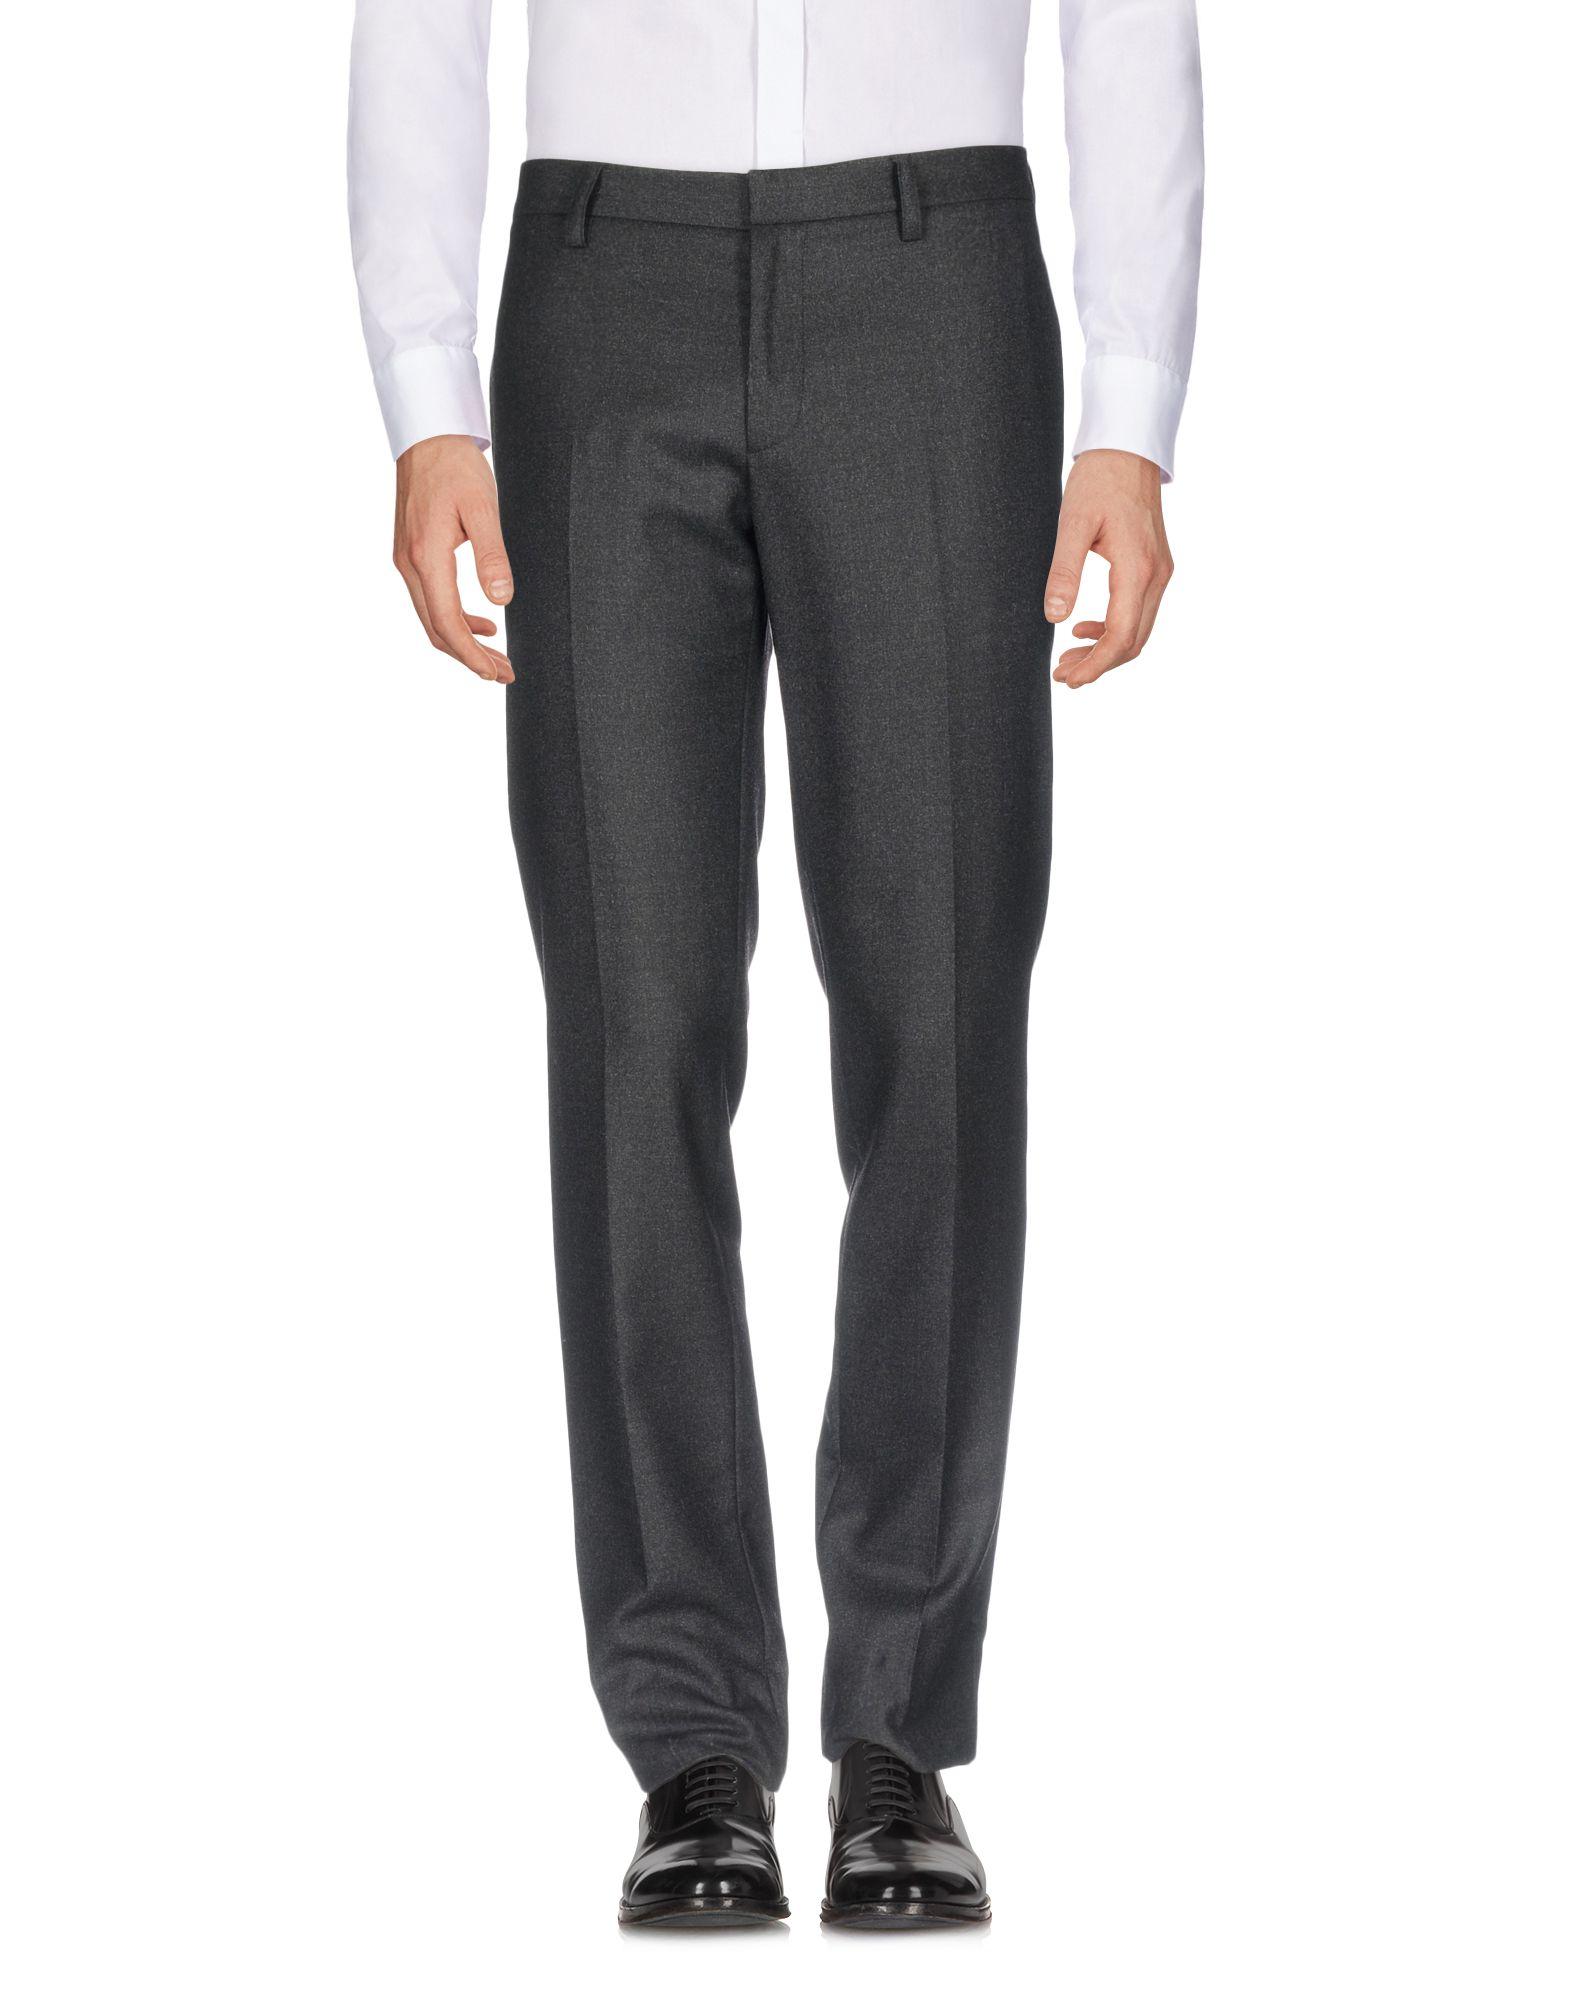 《送料無料》BELSTAFF メンズ パンツ スチールグレー 56 バージンウール 100%